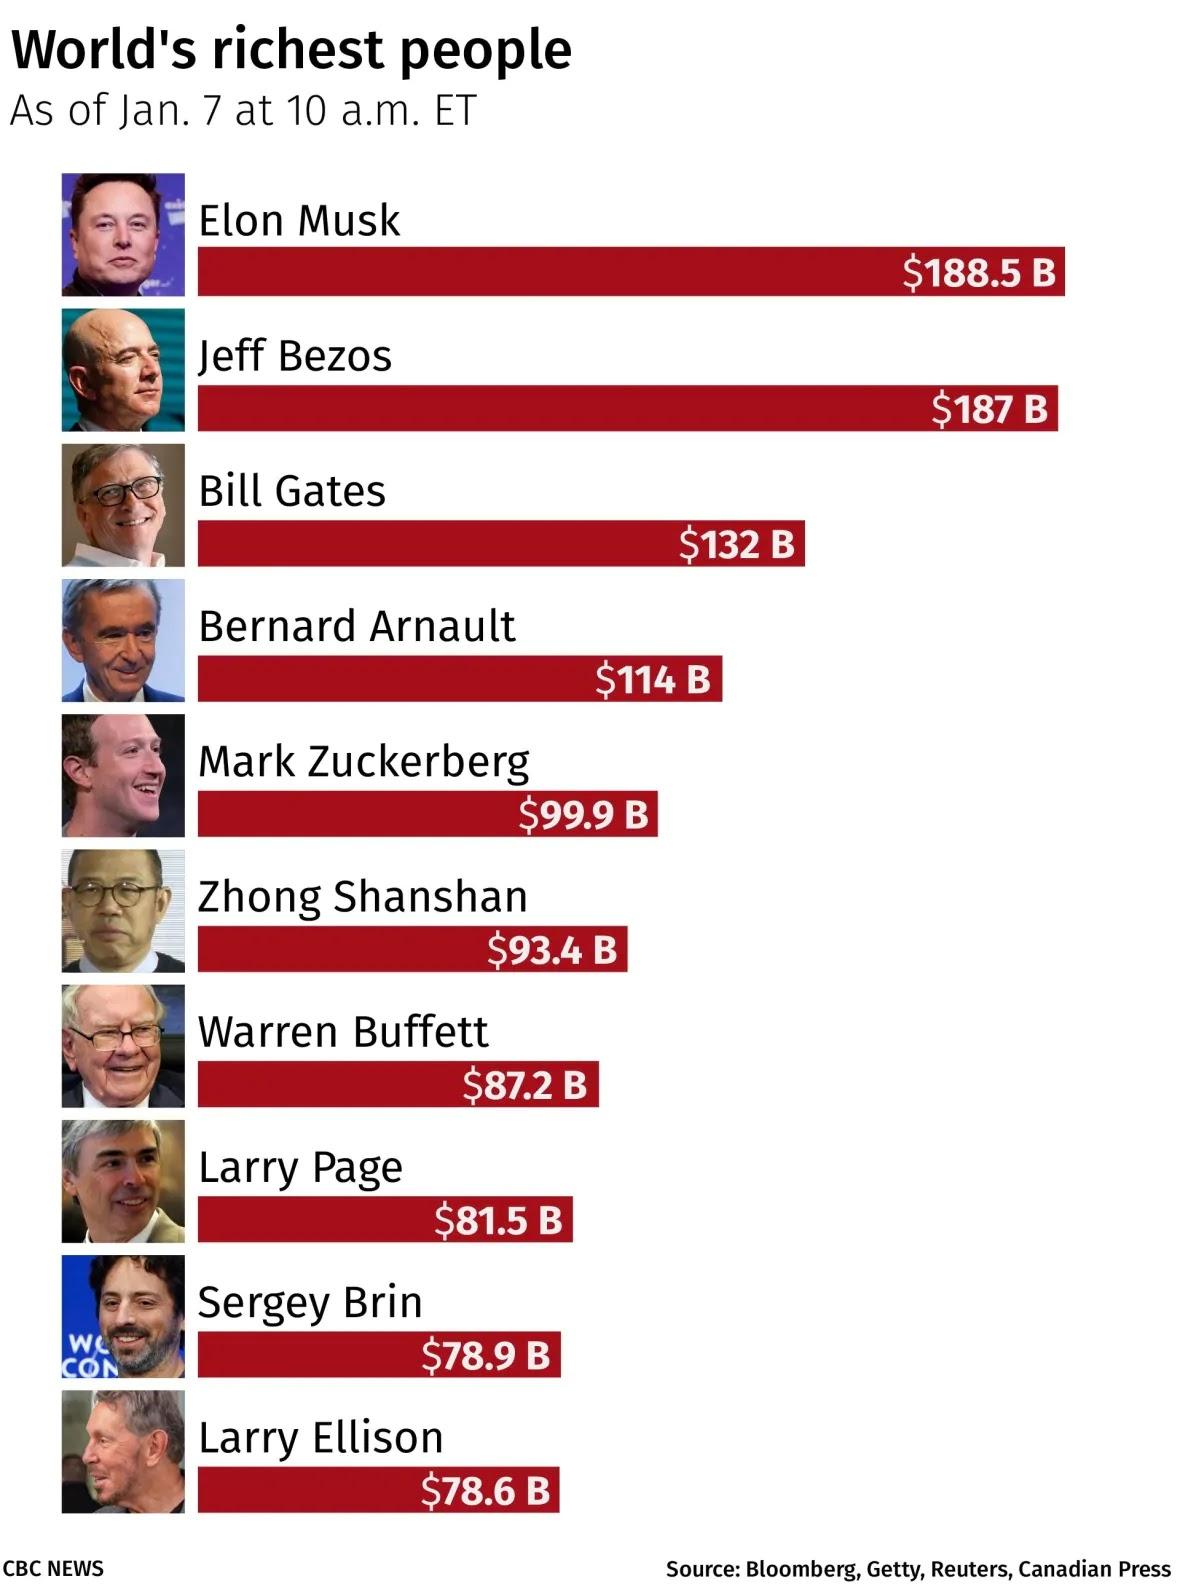 Lista mundial de los mas ricos del mundo